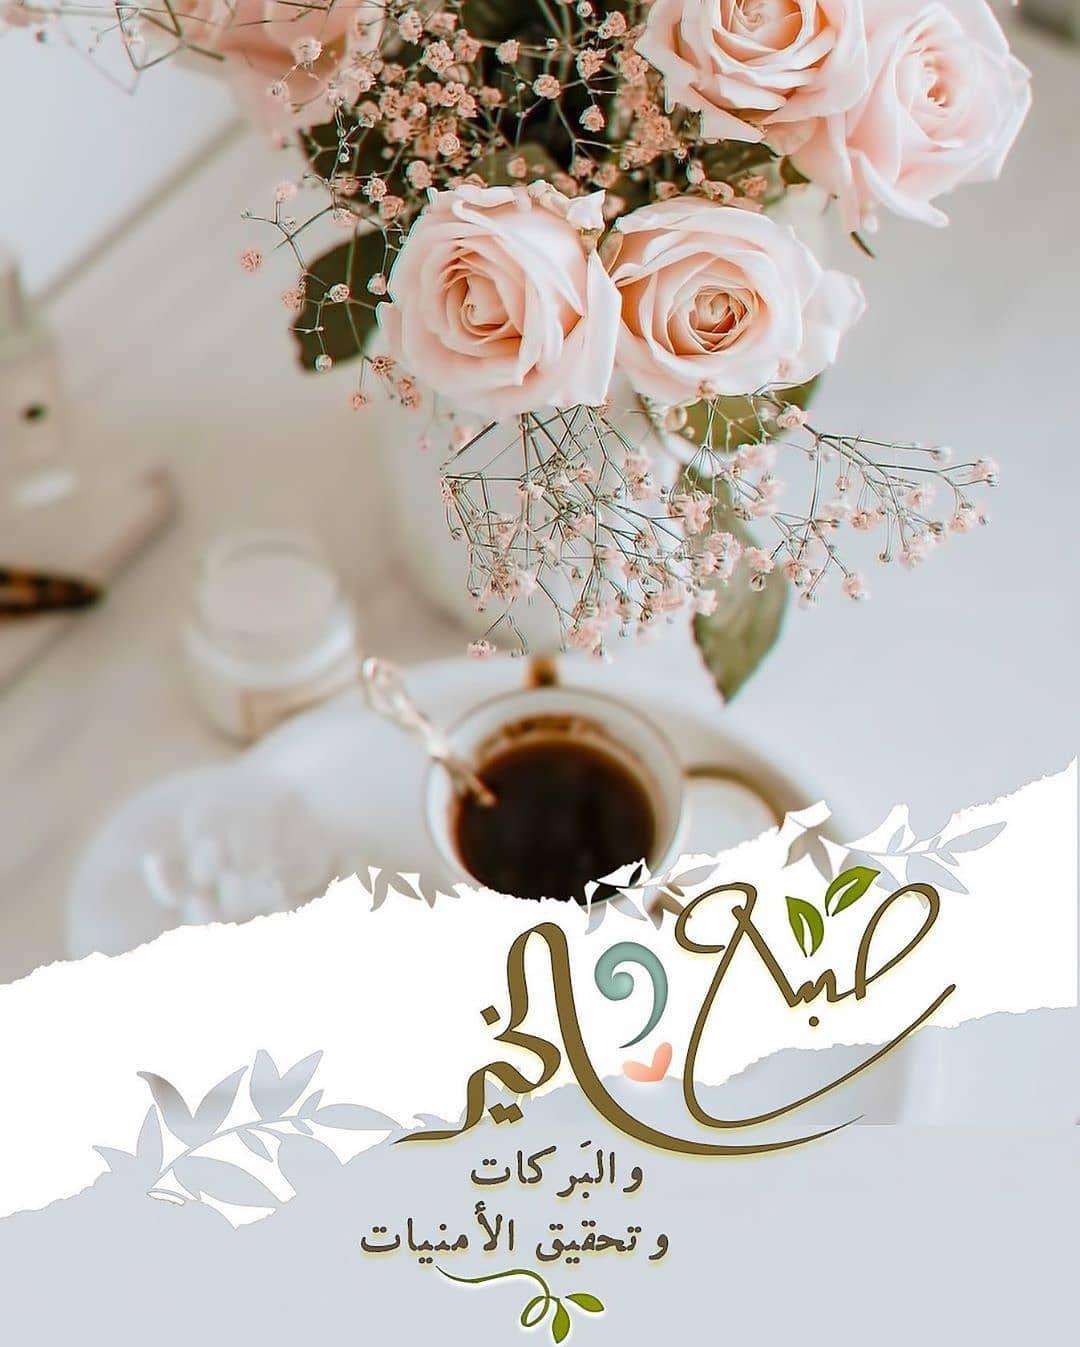 صبح و مساء On Instagram صباح الخيرات والمسرات صباح الورد Good Morning Greetings Good Morning Flowers Beautiful Morning Messages